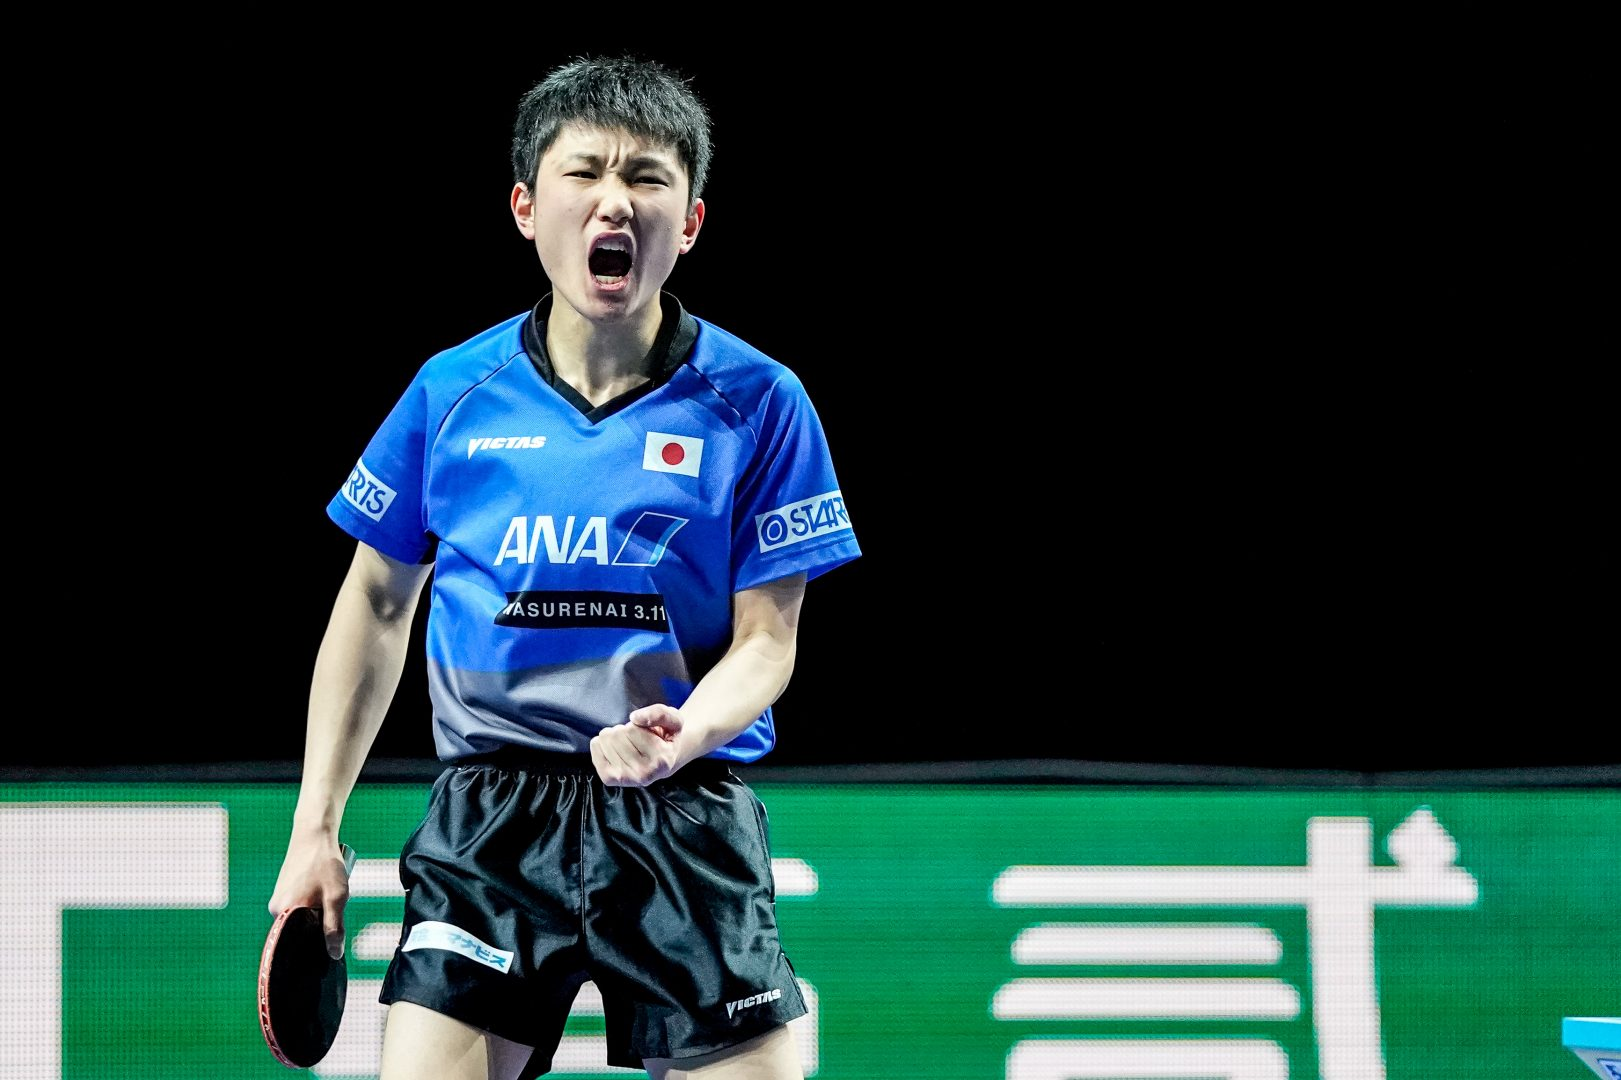 張本智和が遂に団体デビュー 水谷抜きで初の銀メダル獲得【日本男子・ITTFチームワールドカップ2018】(大会レポート)